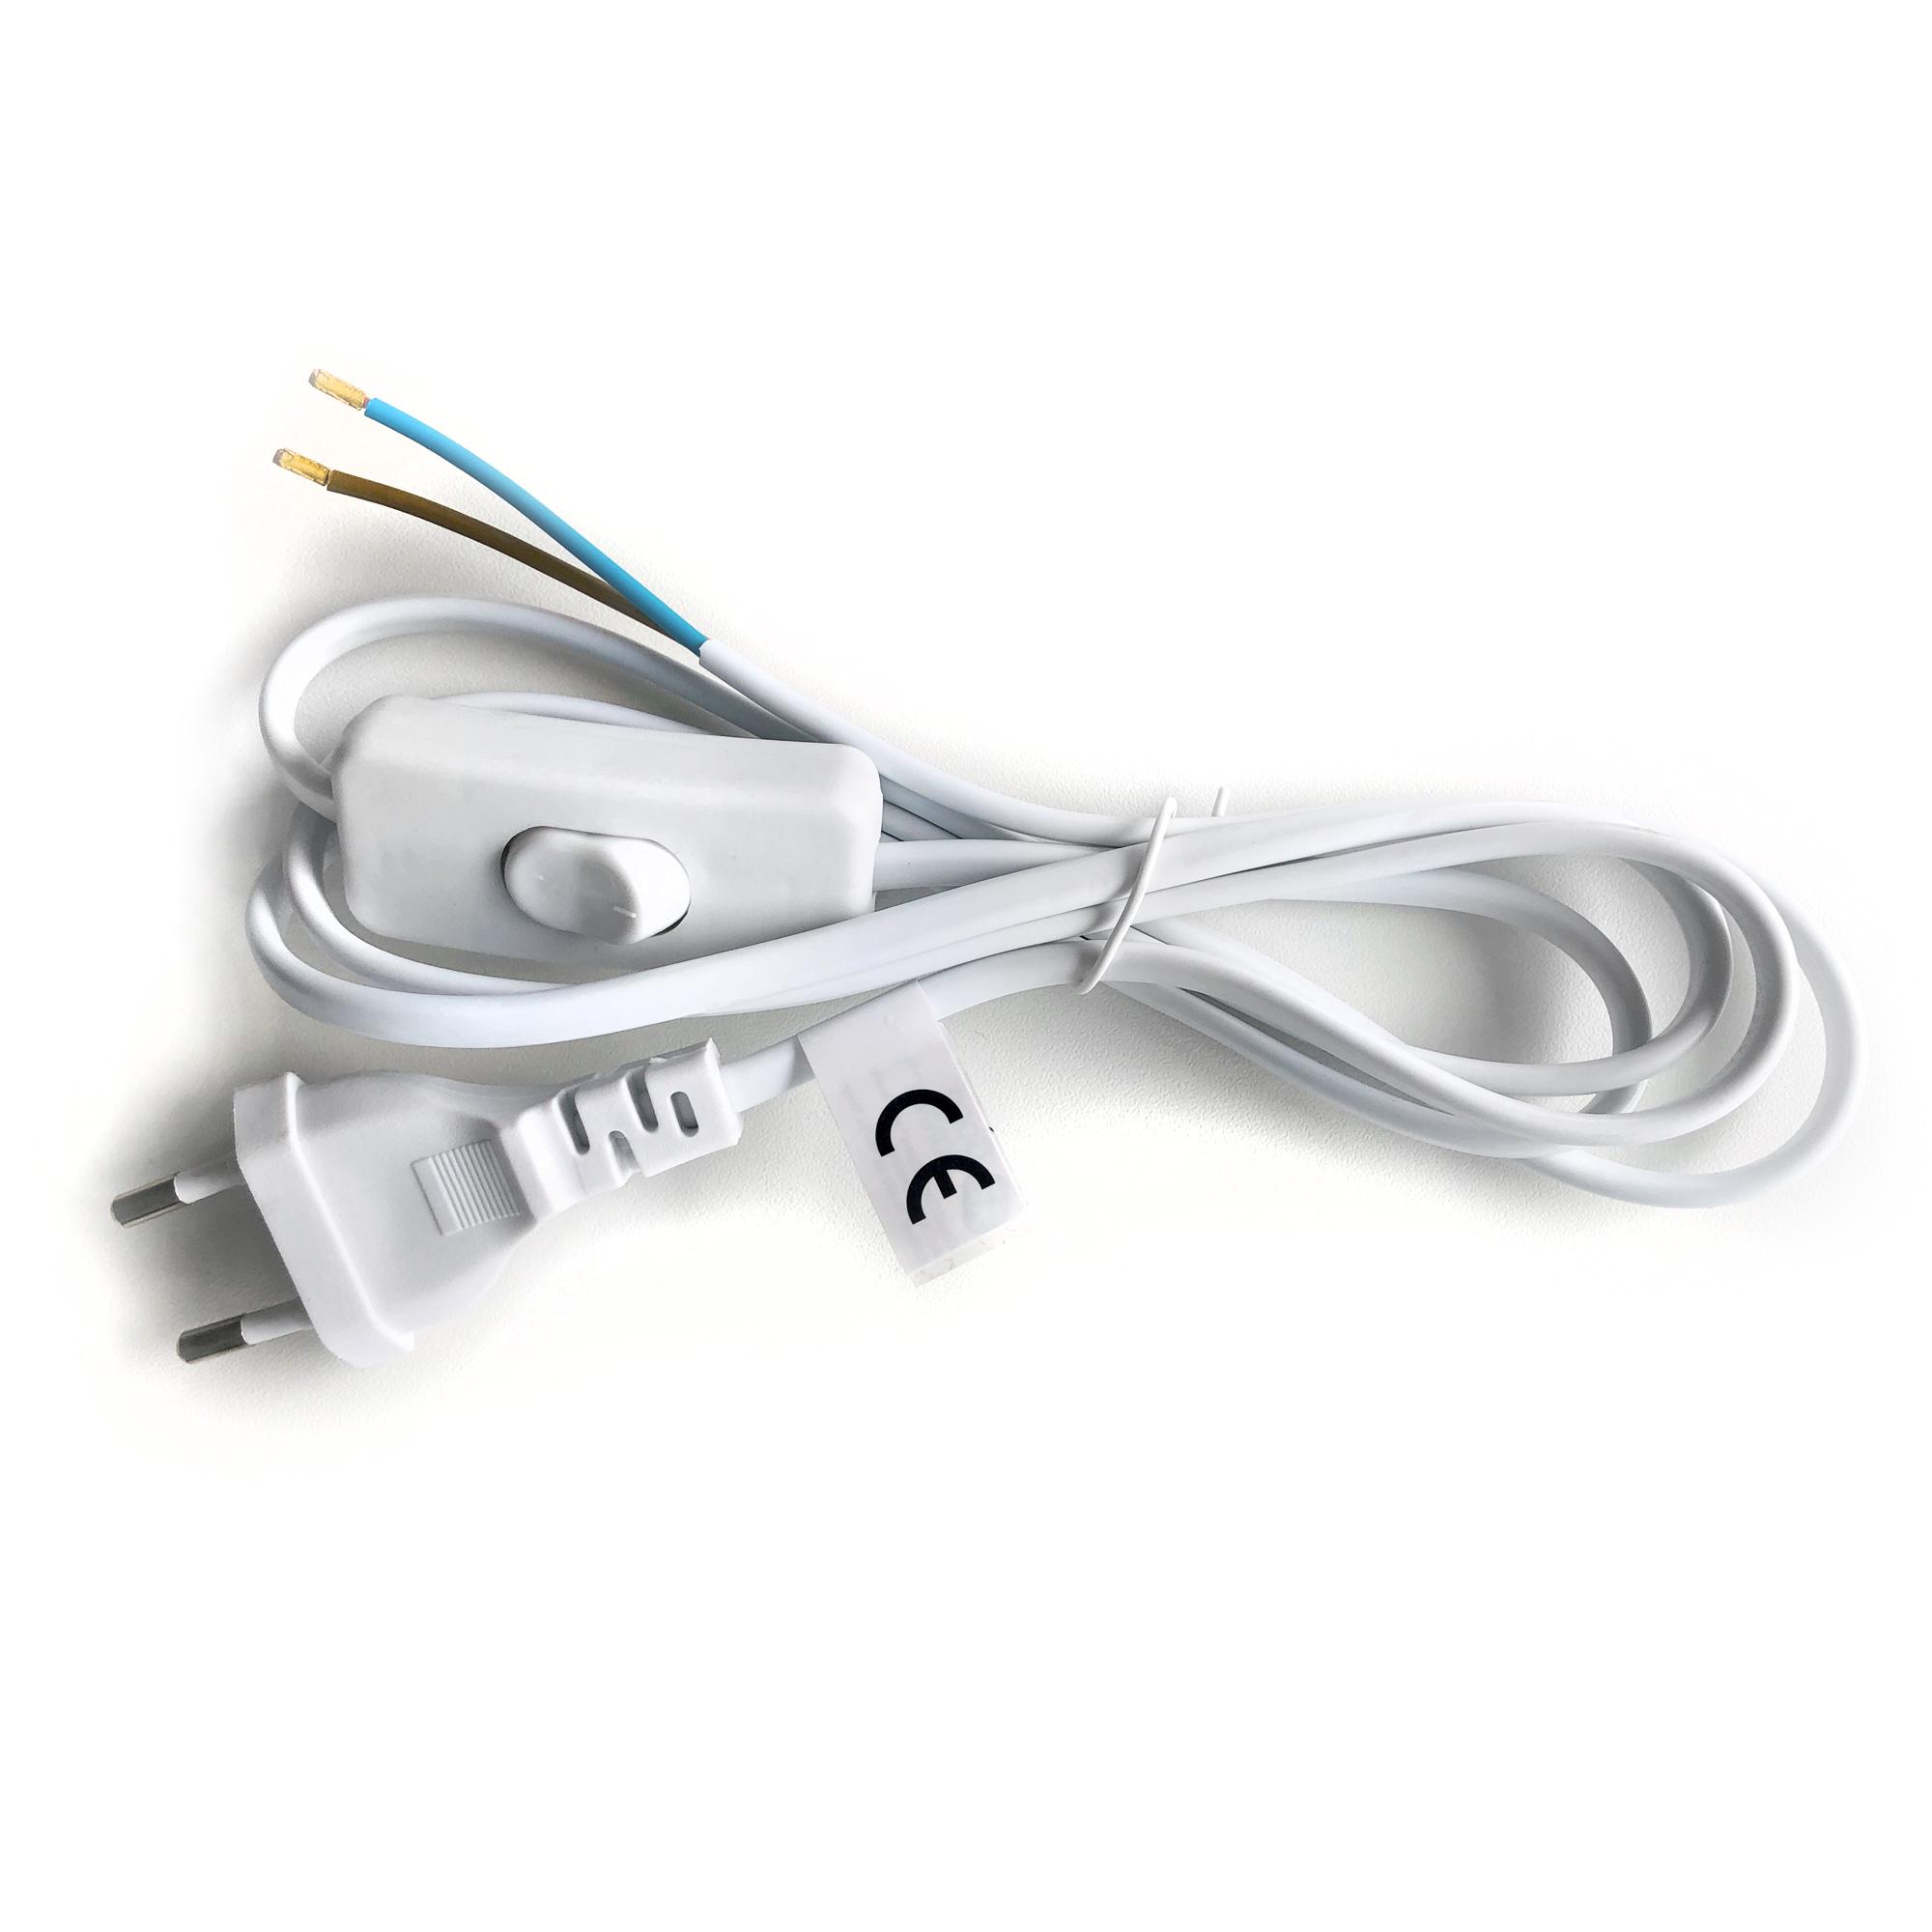 Separater Schalter für die LED Beleuchtung der Spiegelheizung mit Licht